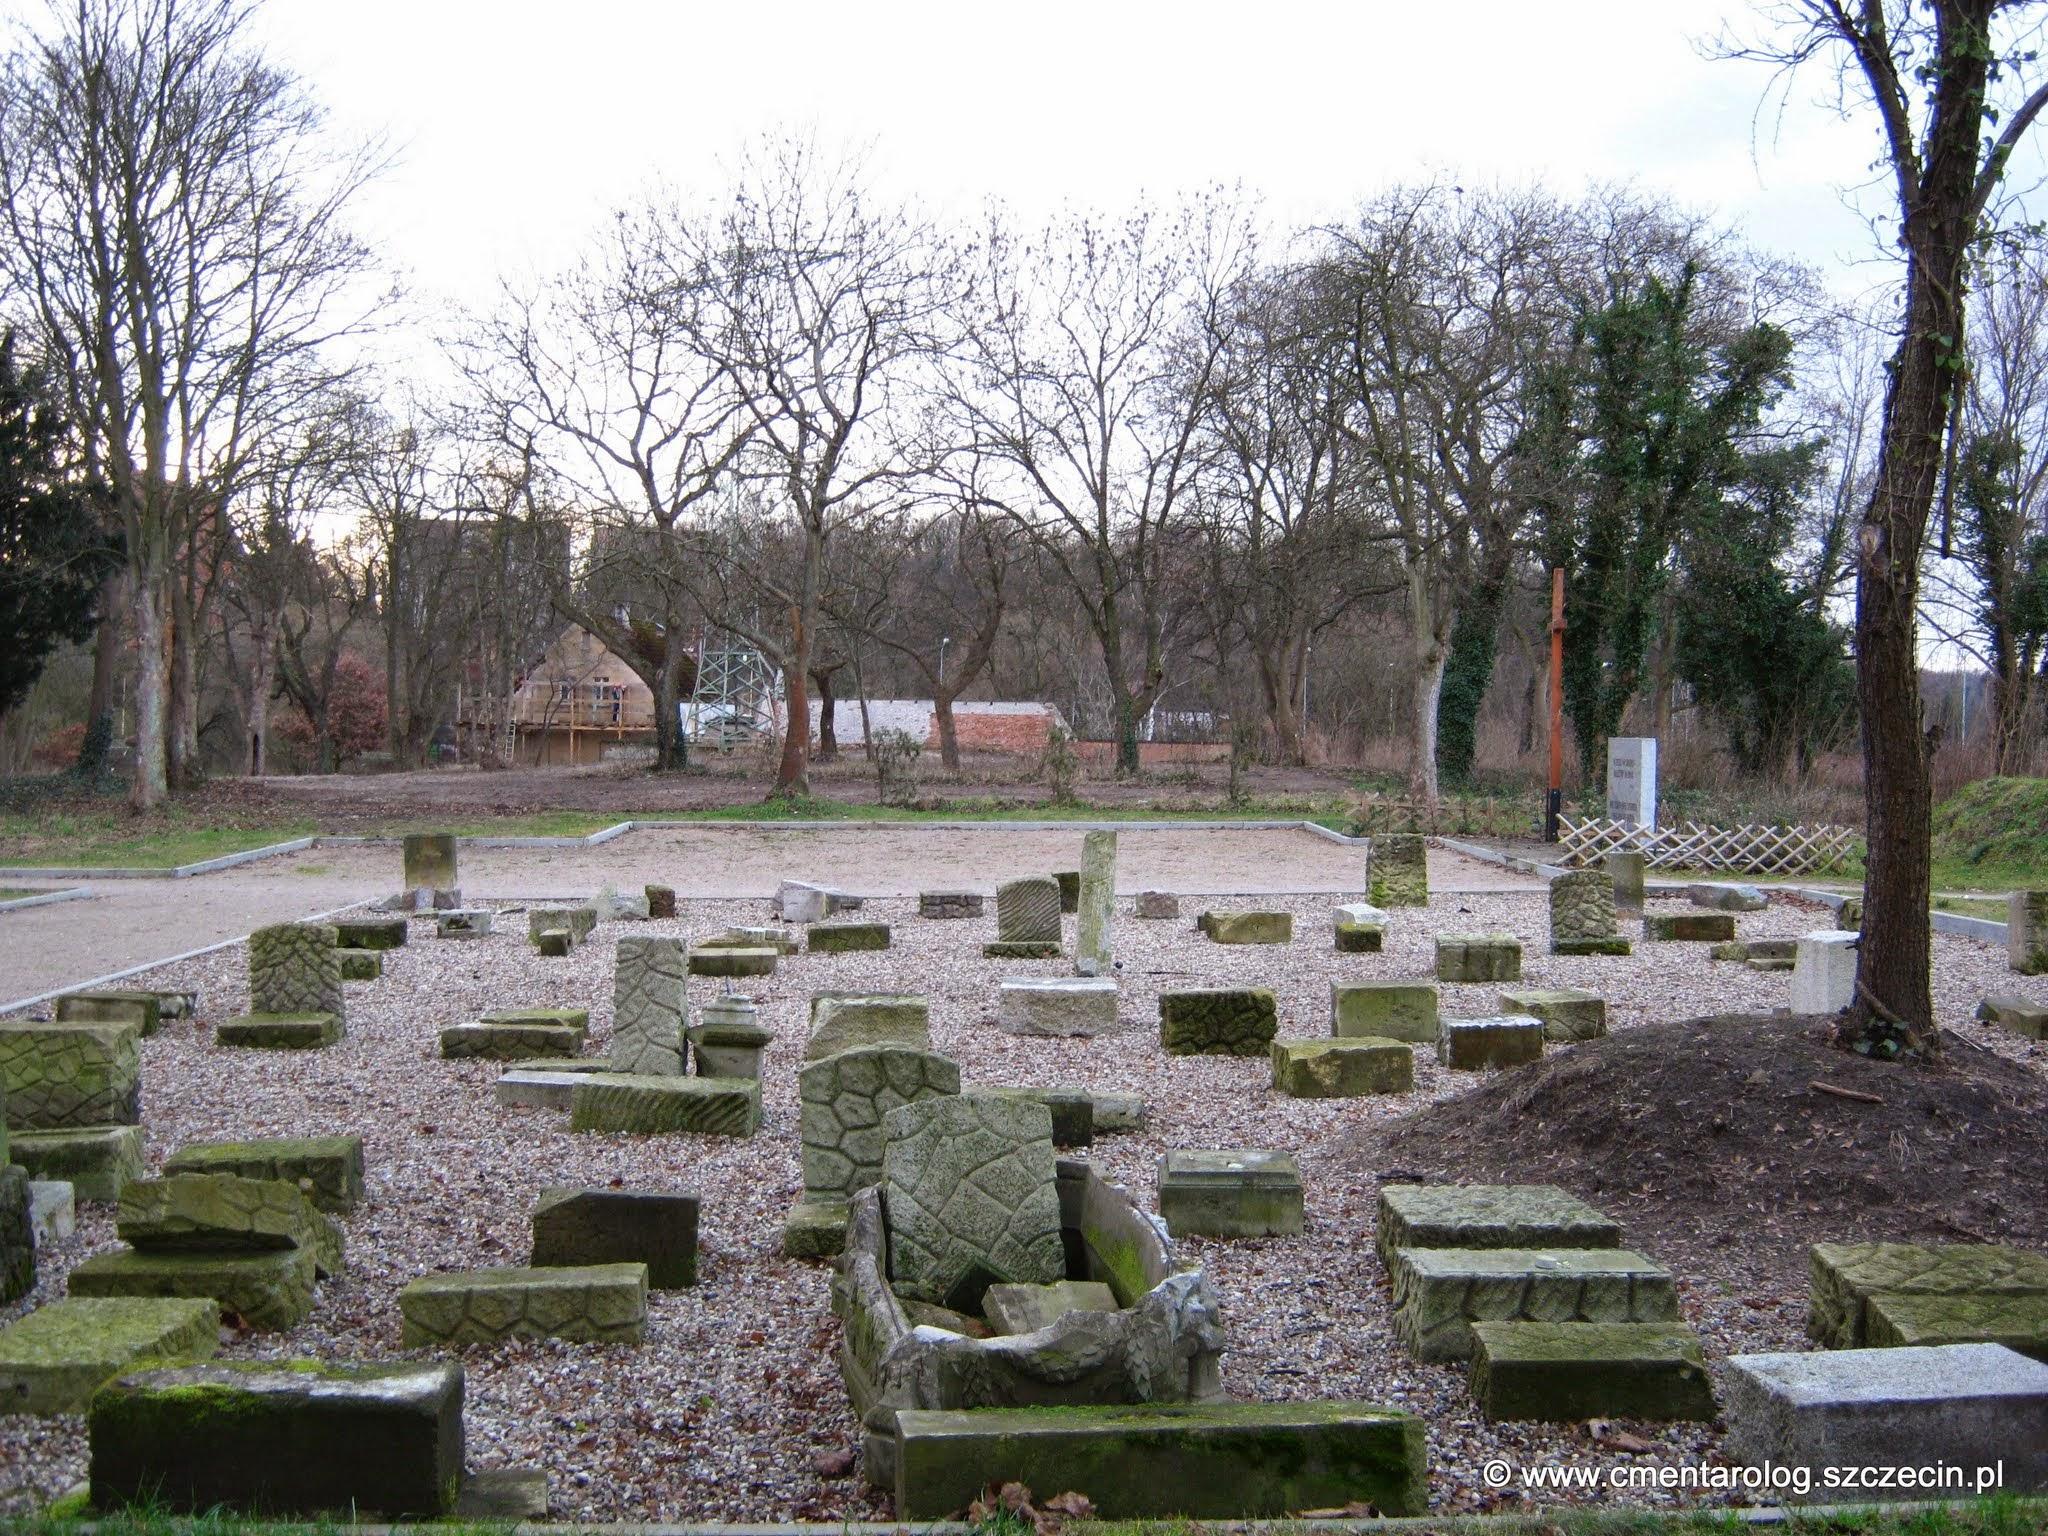 widok na cały teren dawnego cmentarza (fot. 14.01.15 r.)